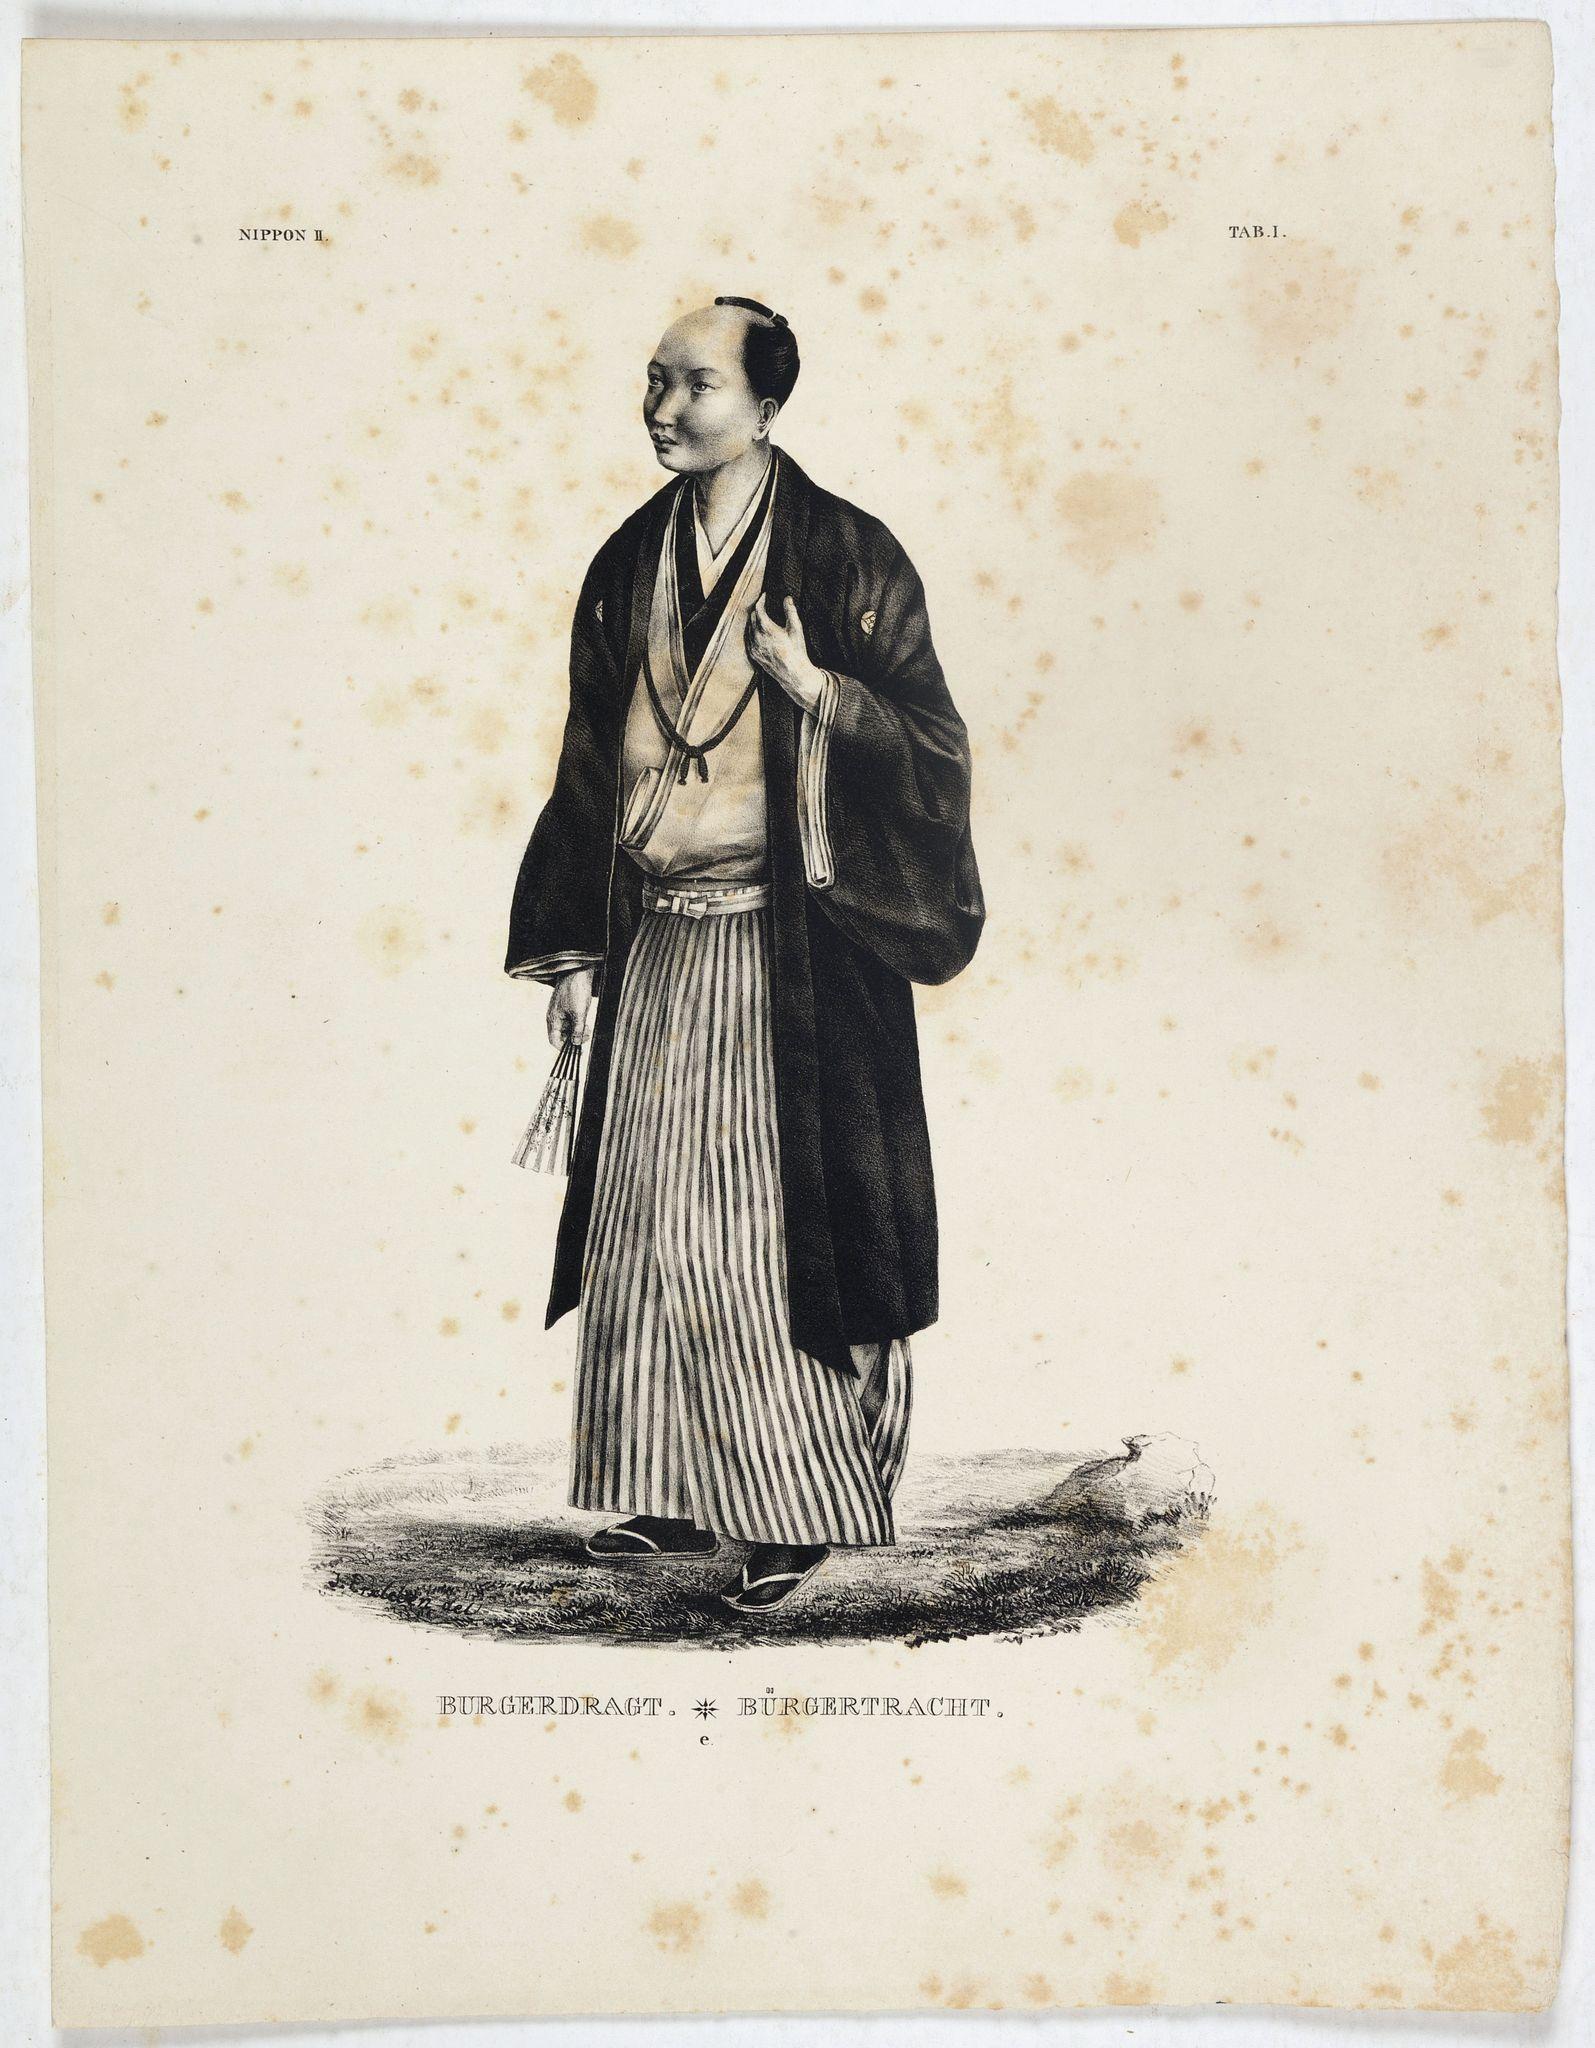 VON SIEBOLD, P.Fr.B. -  Burgerdragt. [Japanese citzen in typical dress]